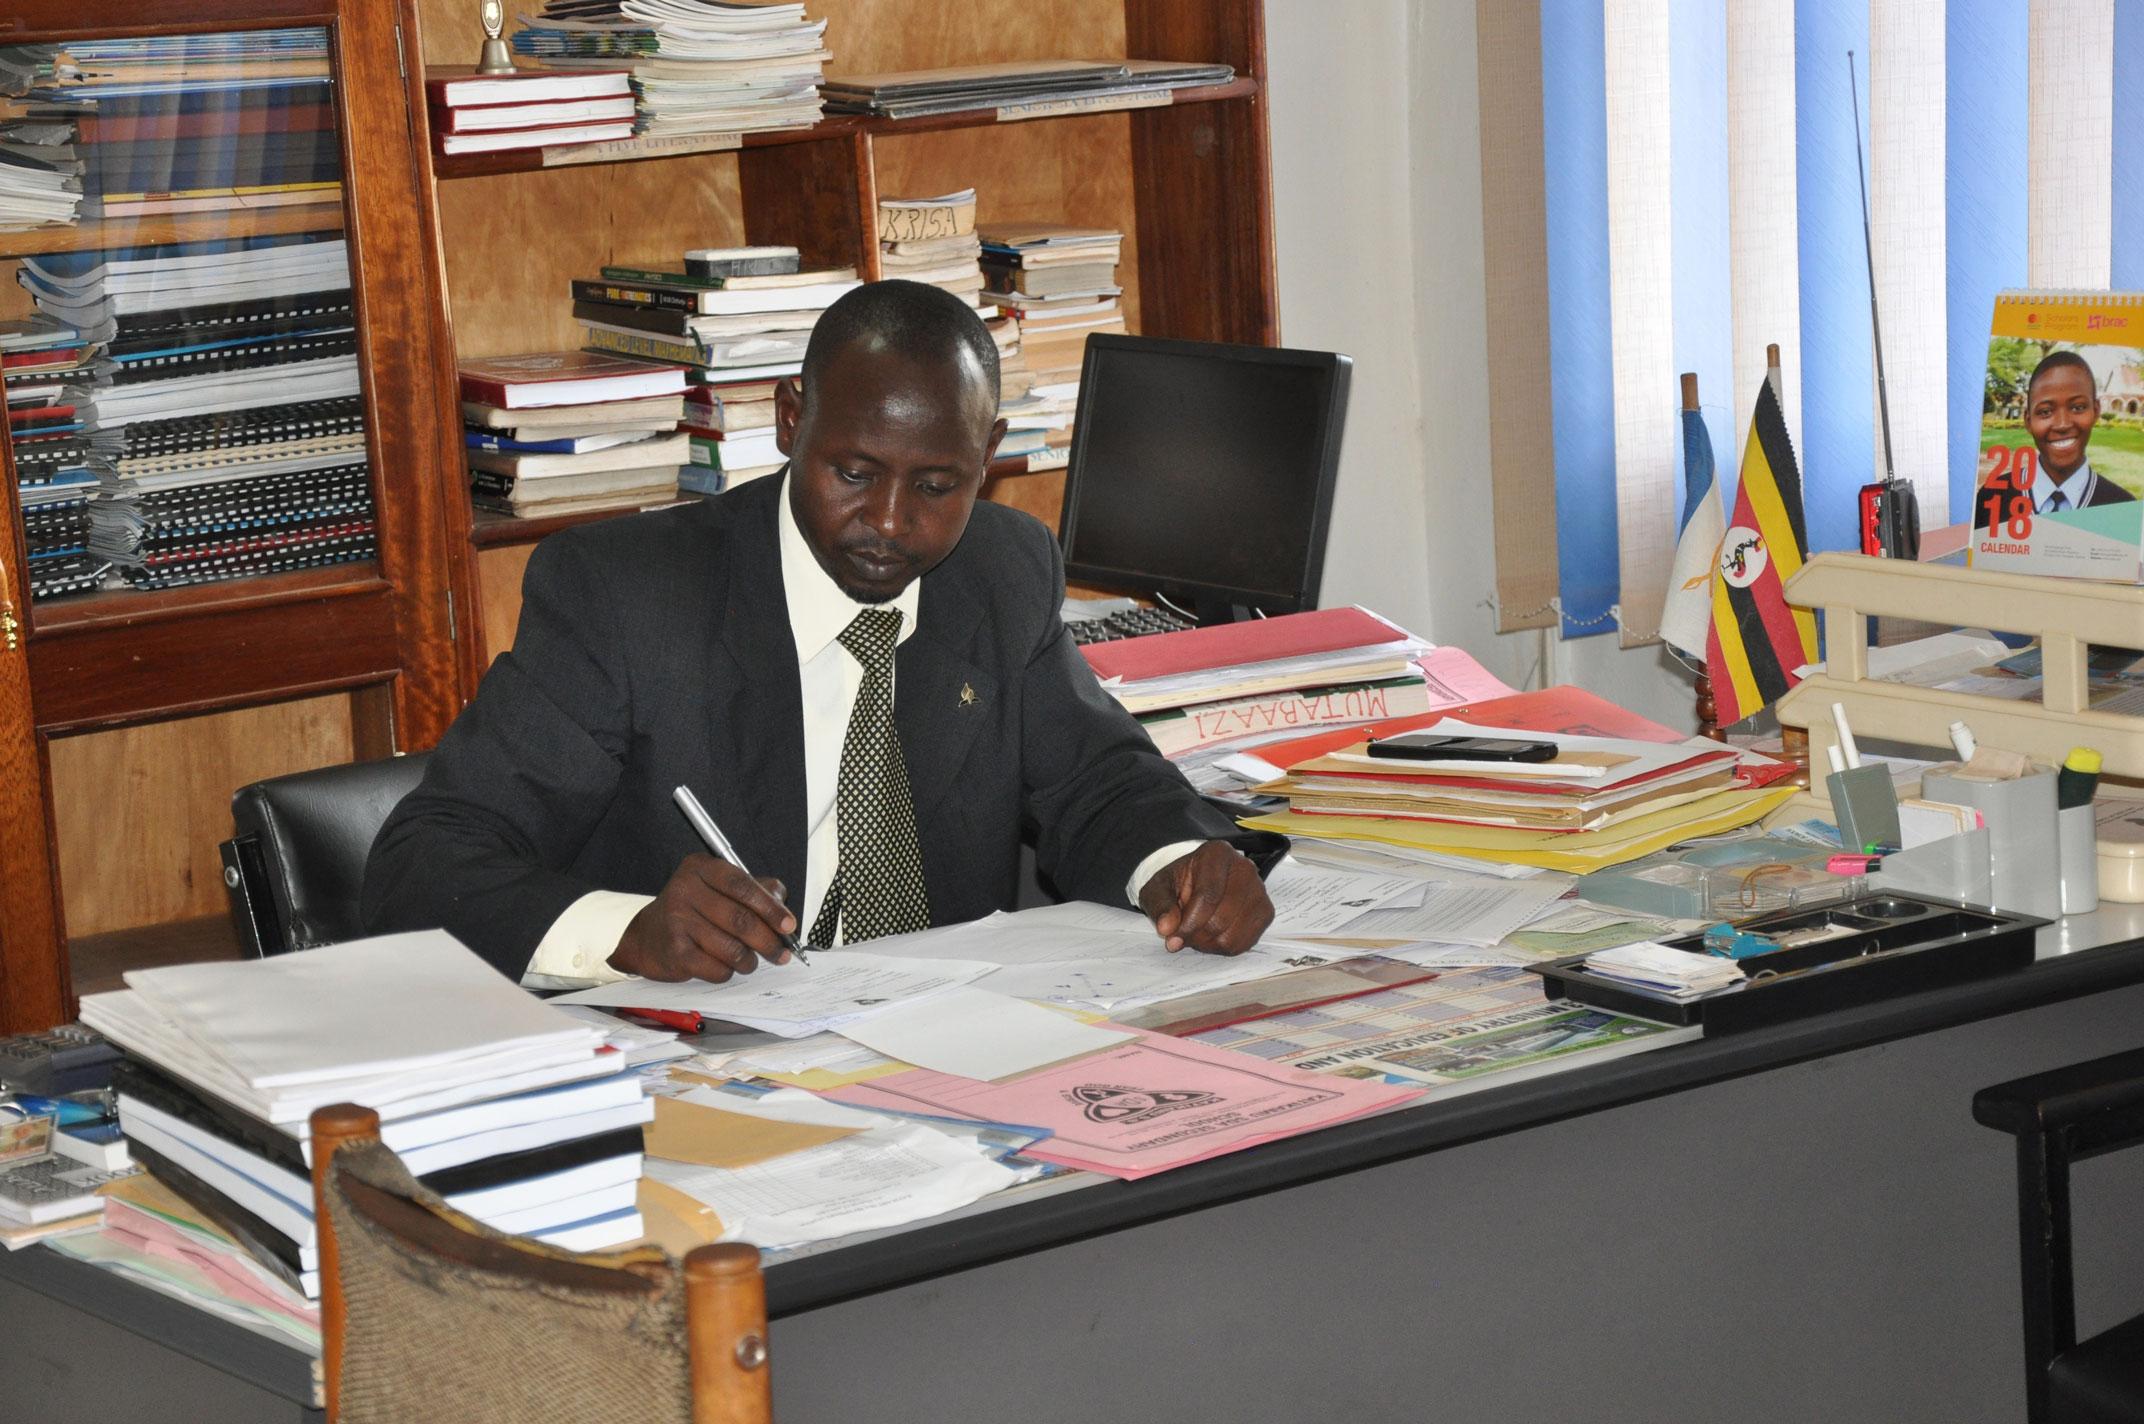 Mr. Mutabazi Matthew